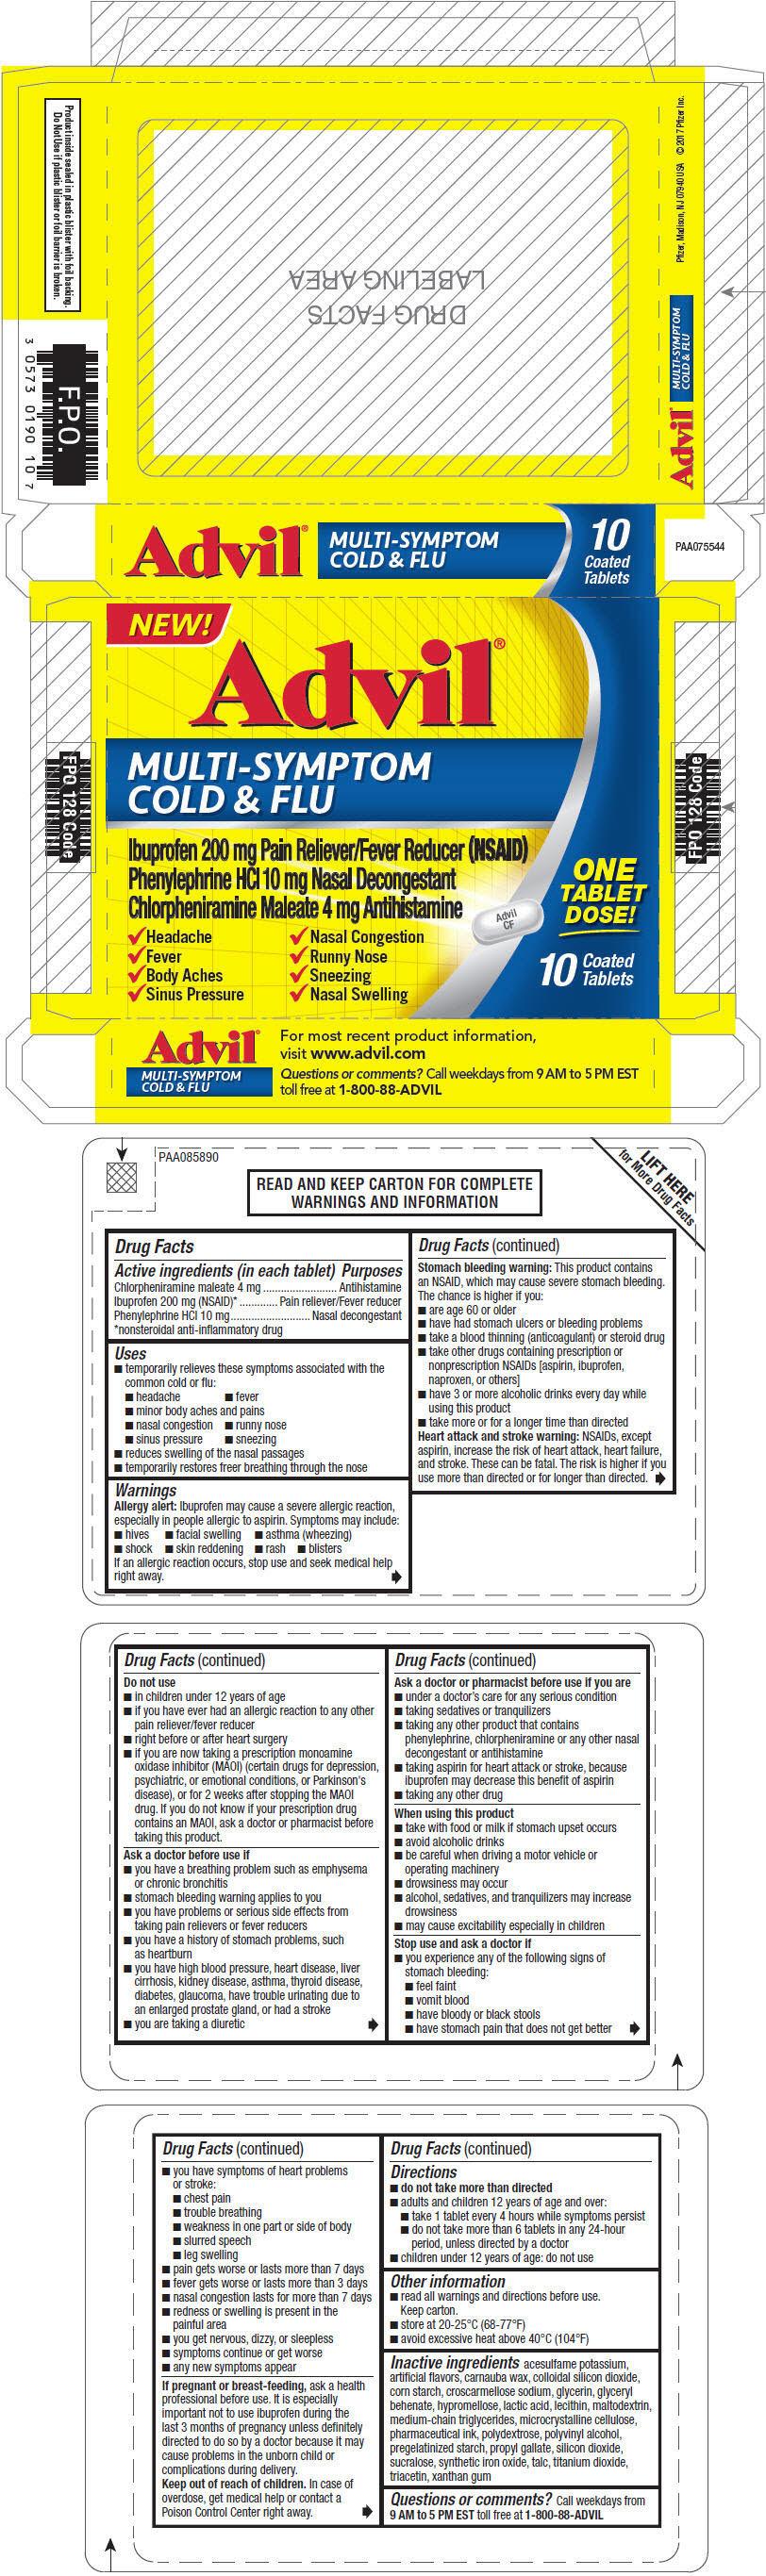 PRINCIPAL DISPLAY PANEL - 200 mg/10 mg/4 mg Tablet Blister Pack Carton